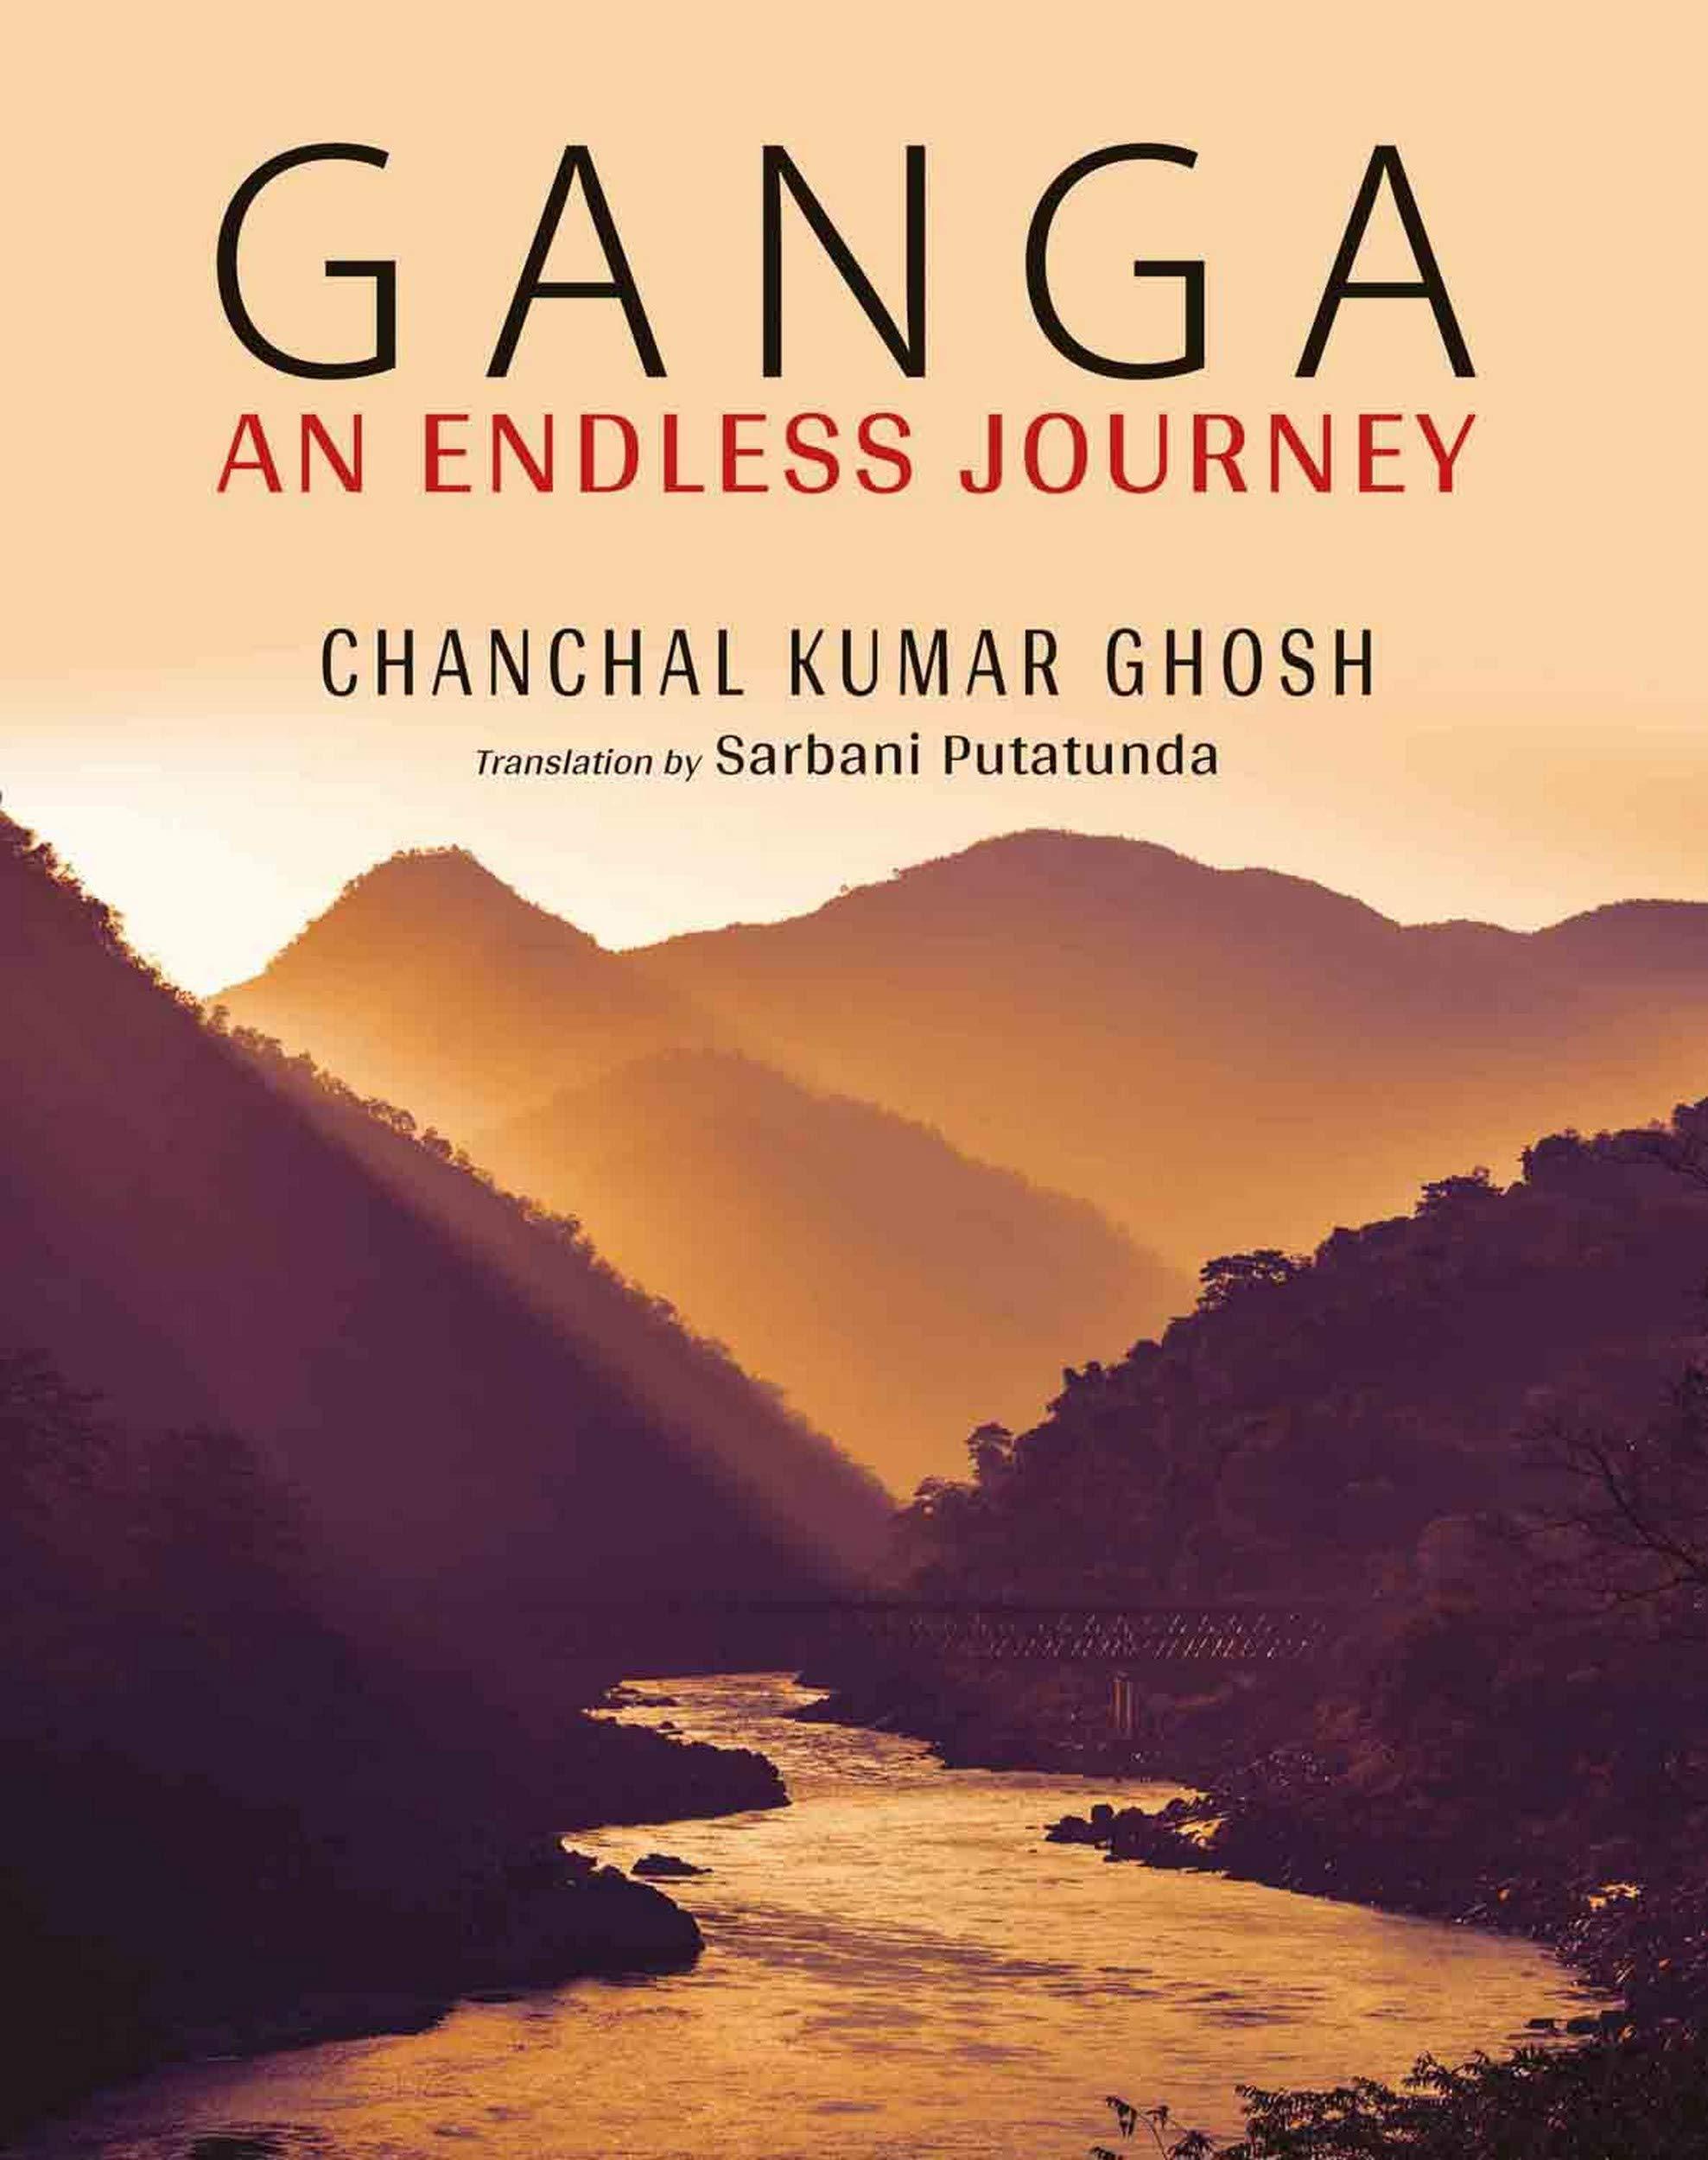 Ganga: An Endless Journey